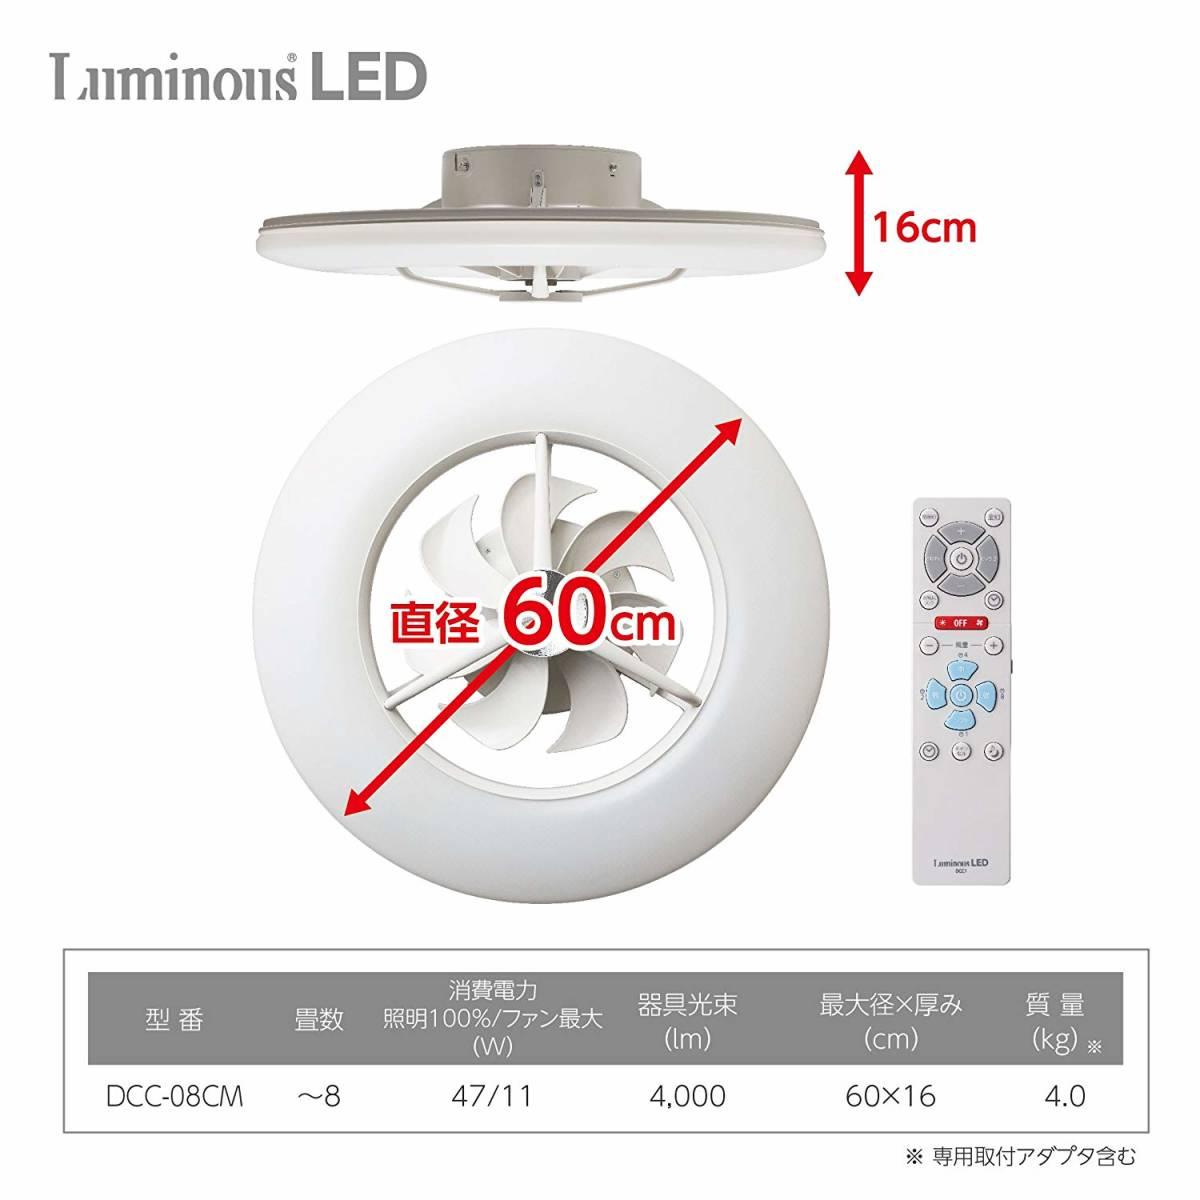 LED シーリングサーキュレーター ルミナス ~8畳 調光調色タイプ 光拡散レンズ搭載 シンプルリモコン付き ACC-08CM154_画像3